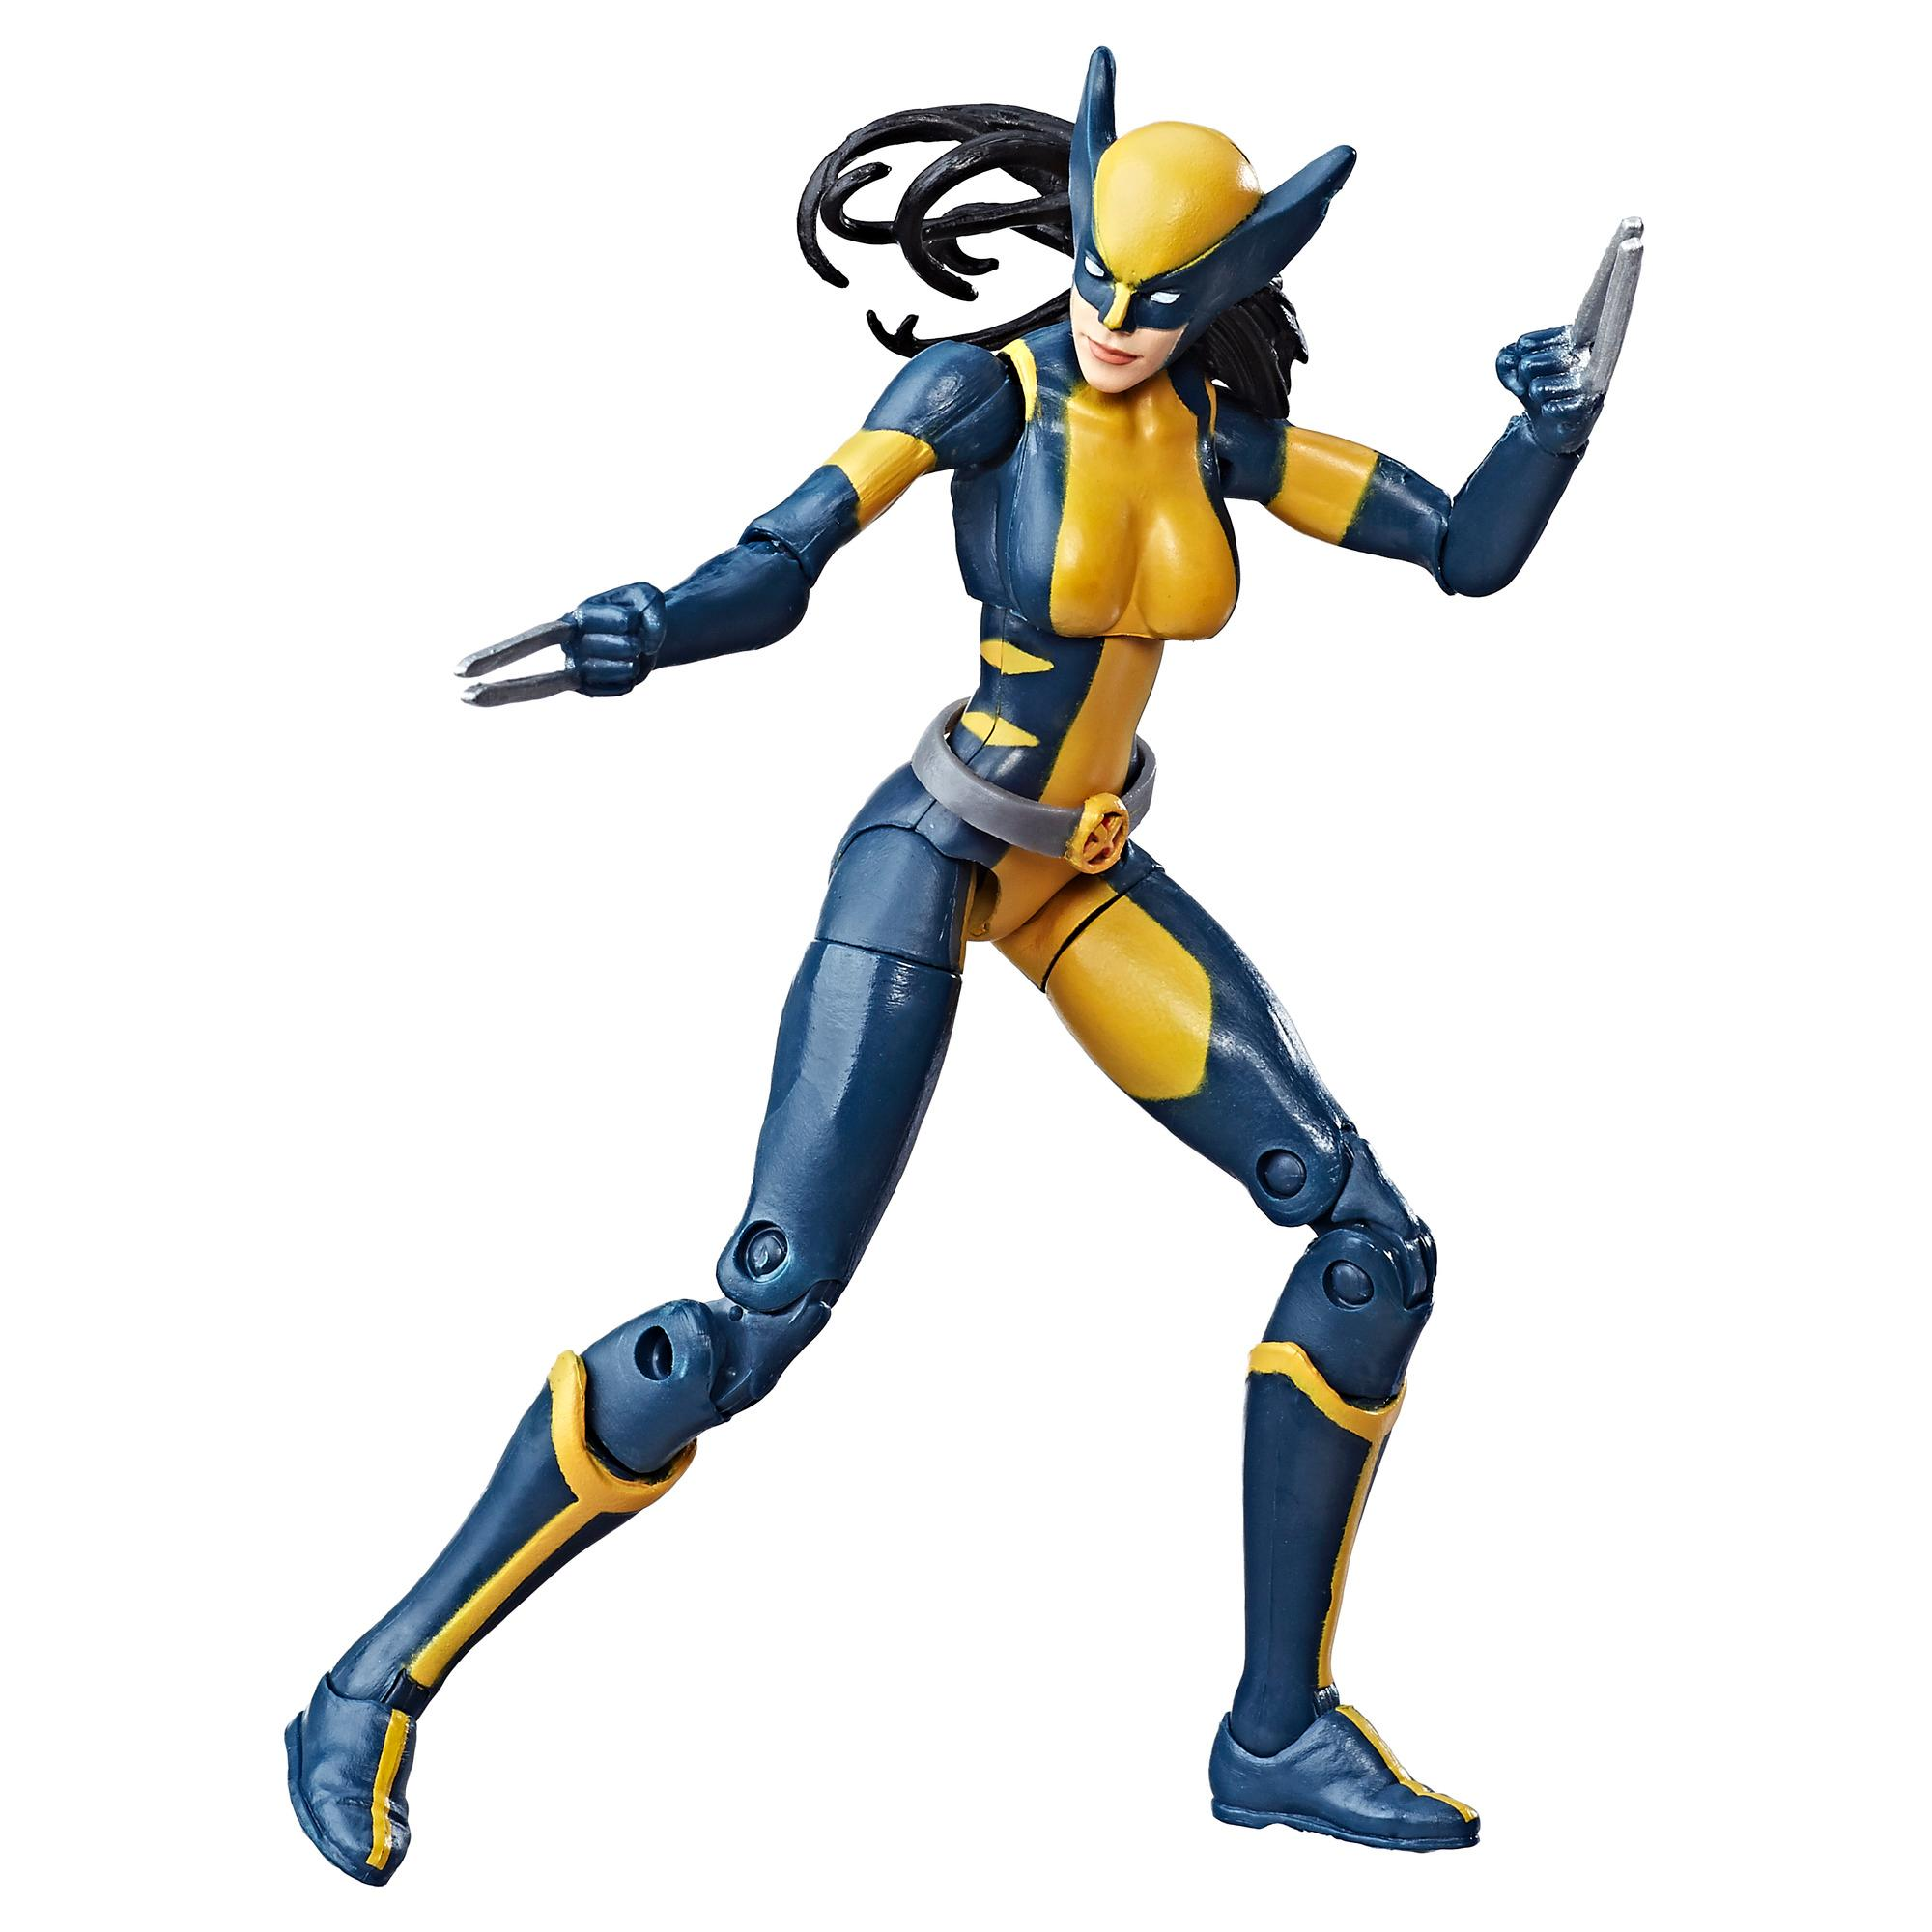 Купить Avengers Marvel Classic коллекционная фигурка Мстители Wolverine 9, 5 см, Китай